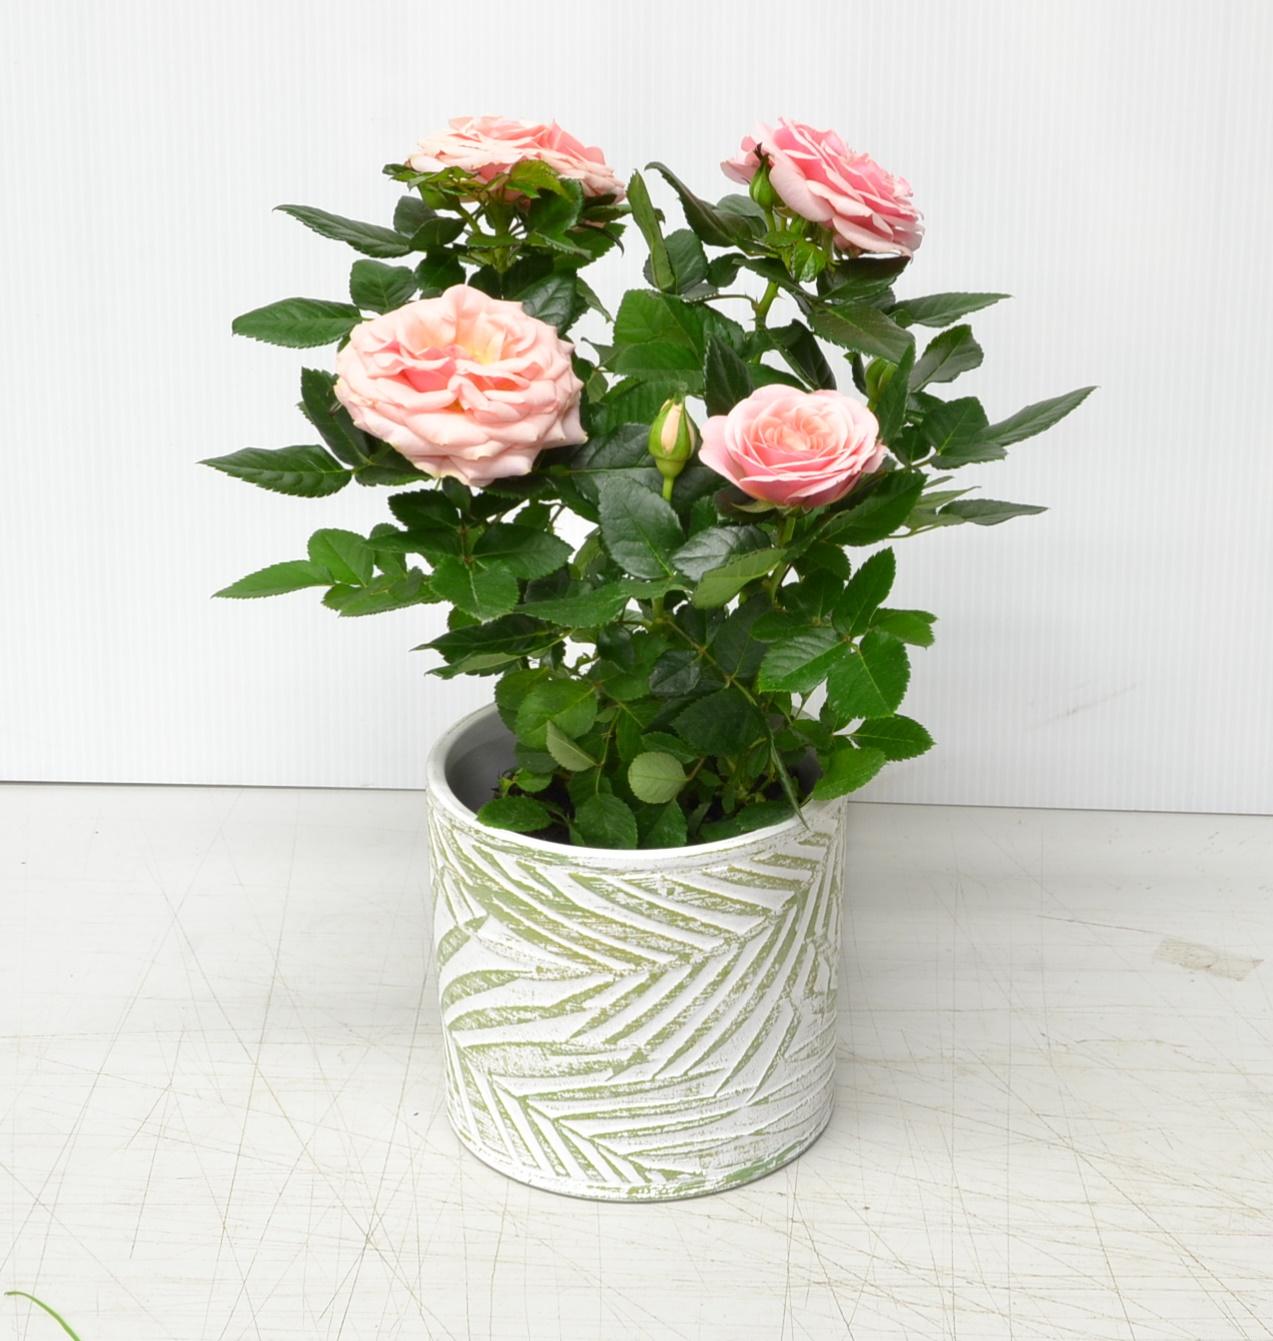 Composition fete des meres 2020 - la jardinerie de pessicart - cache pot areca rosier (1)